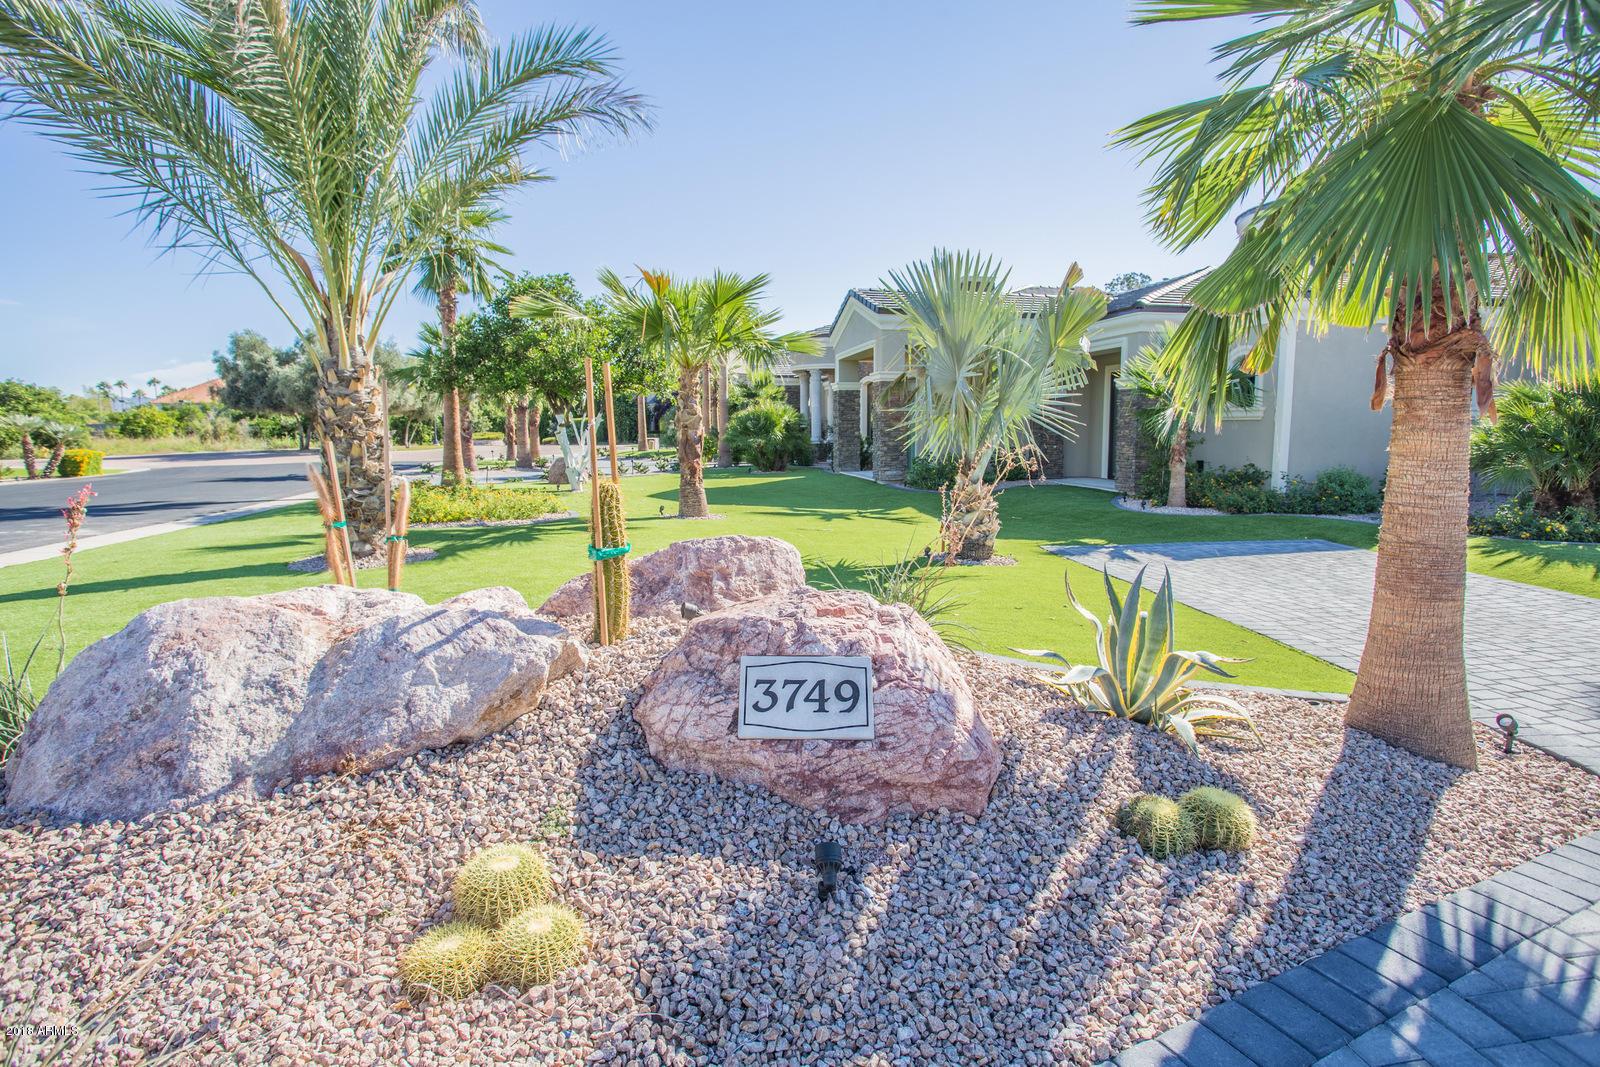 MLS 5839620 3749 E JUNIPER Circle, Mesa, AZ 85205 Mesa AZ The Groves